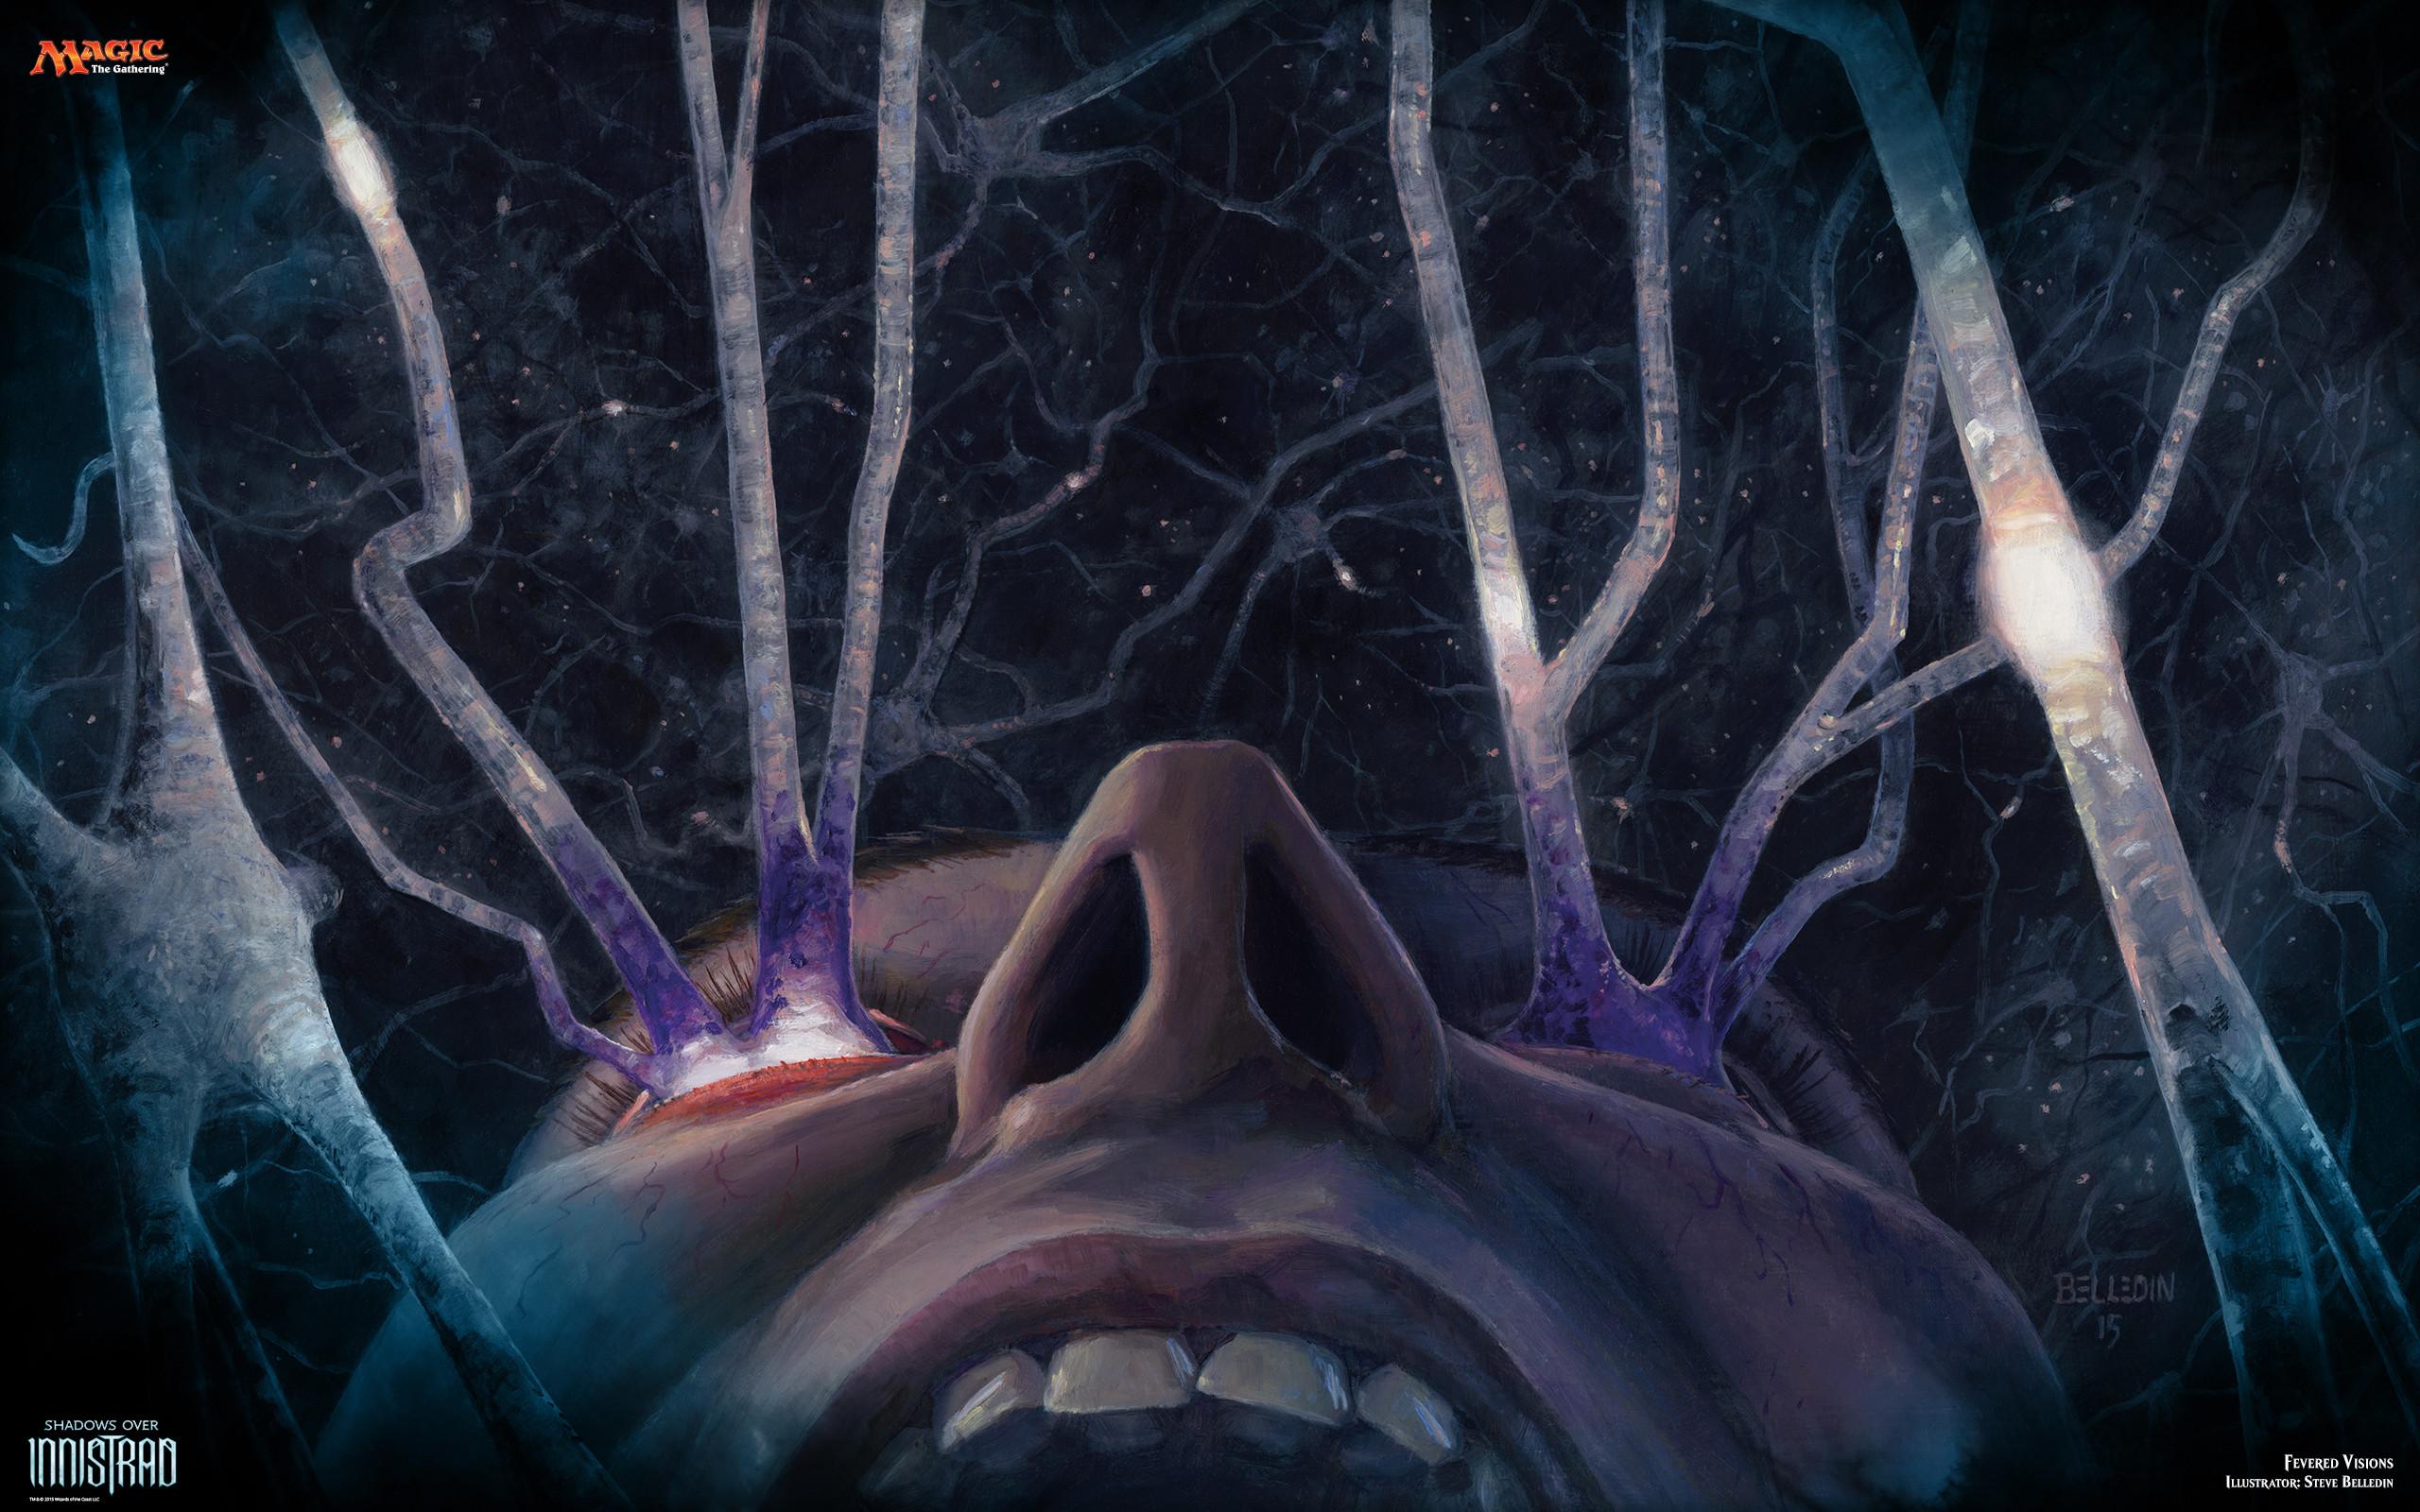 Fevered Visions by Steven Belledin   Magic The Gathering Offical Art    Pinterest   Illustrations